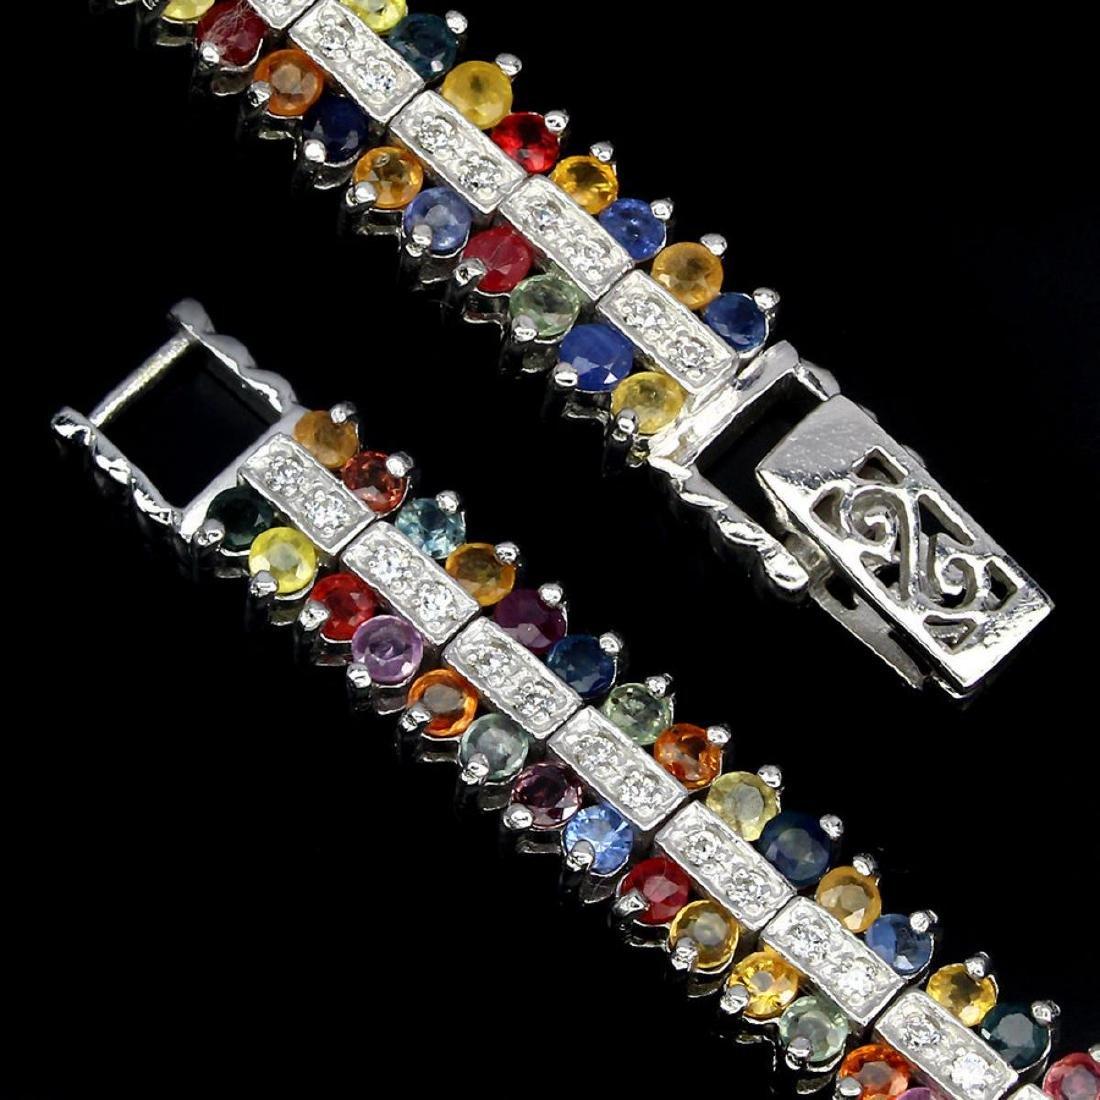 Natural Fancy Sapphire 139 Carats Bracelet - 3